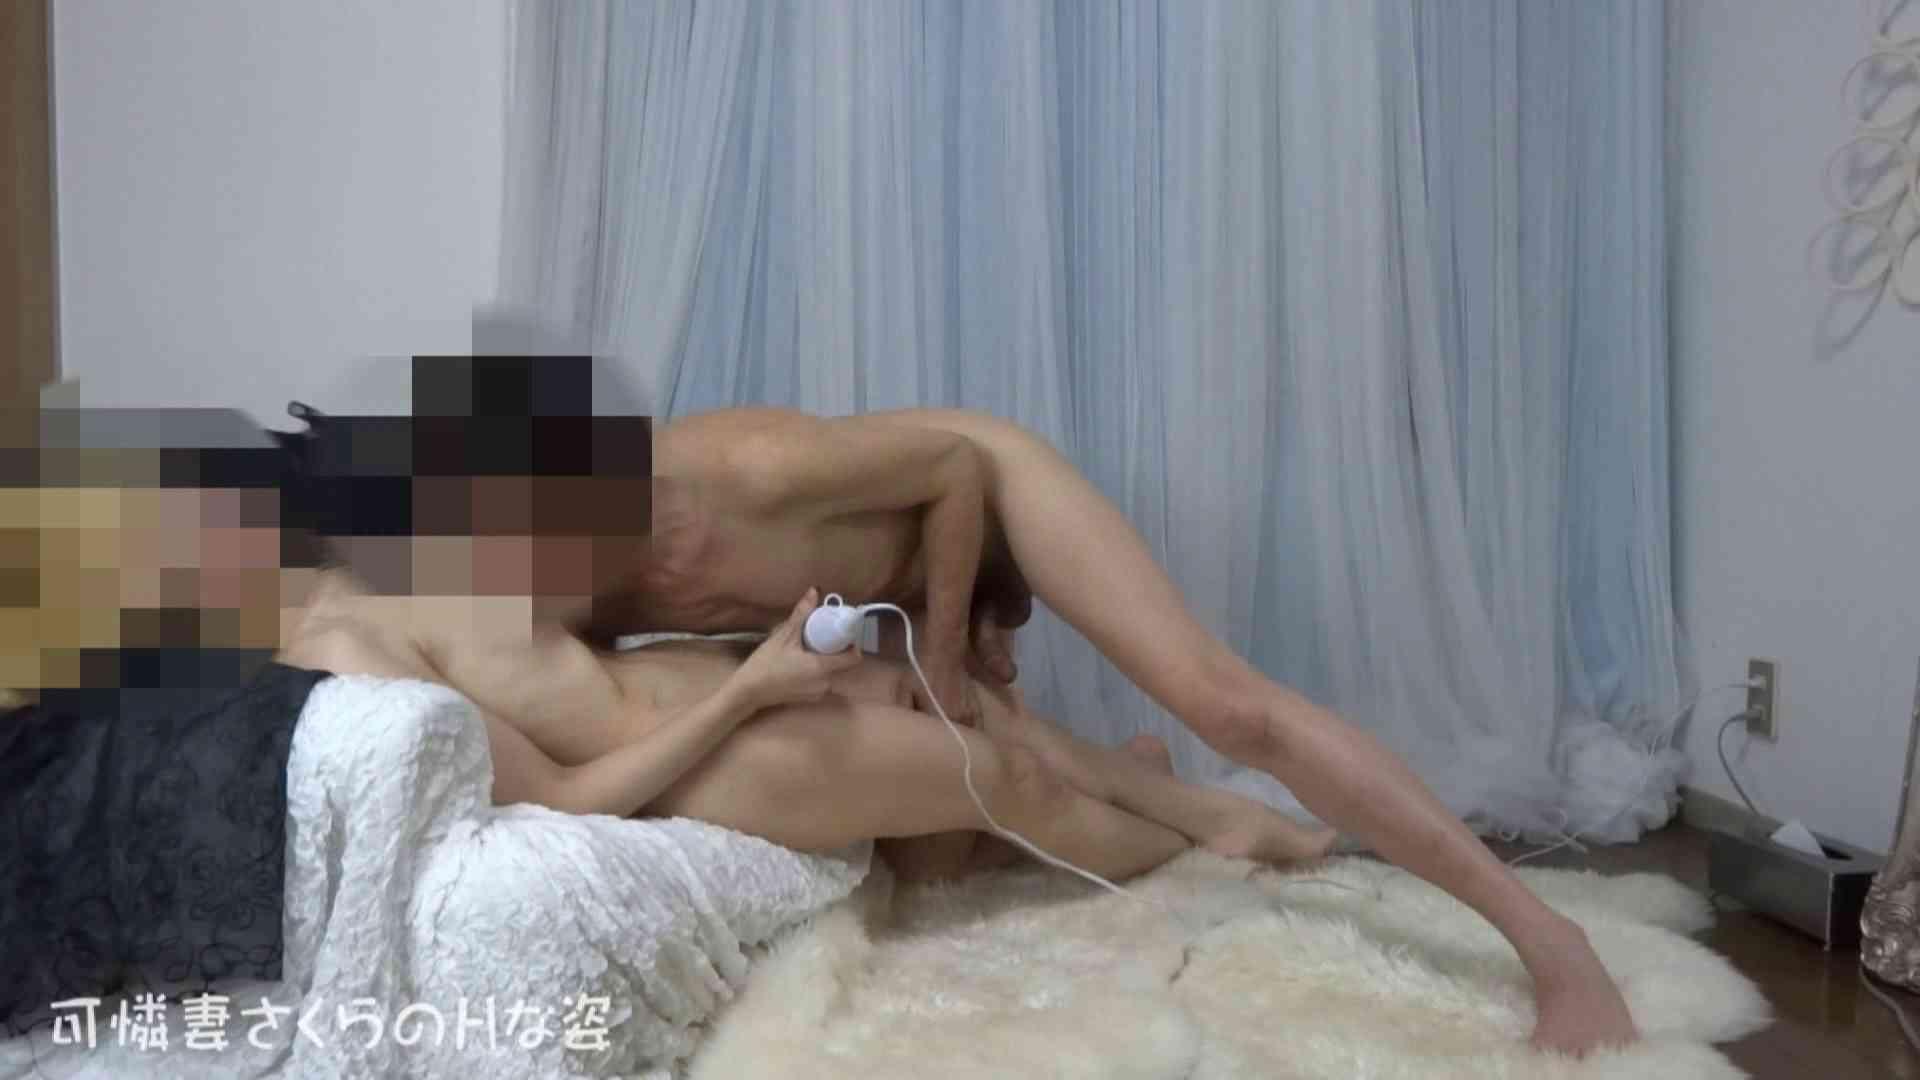 可憐妻さくらのHな姿vol.29 オナニー特集 | OL裸体  55画像 3